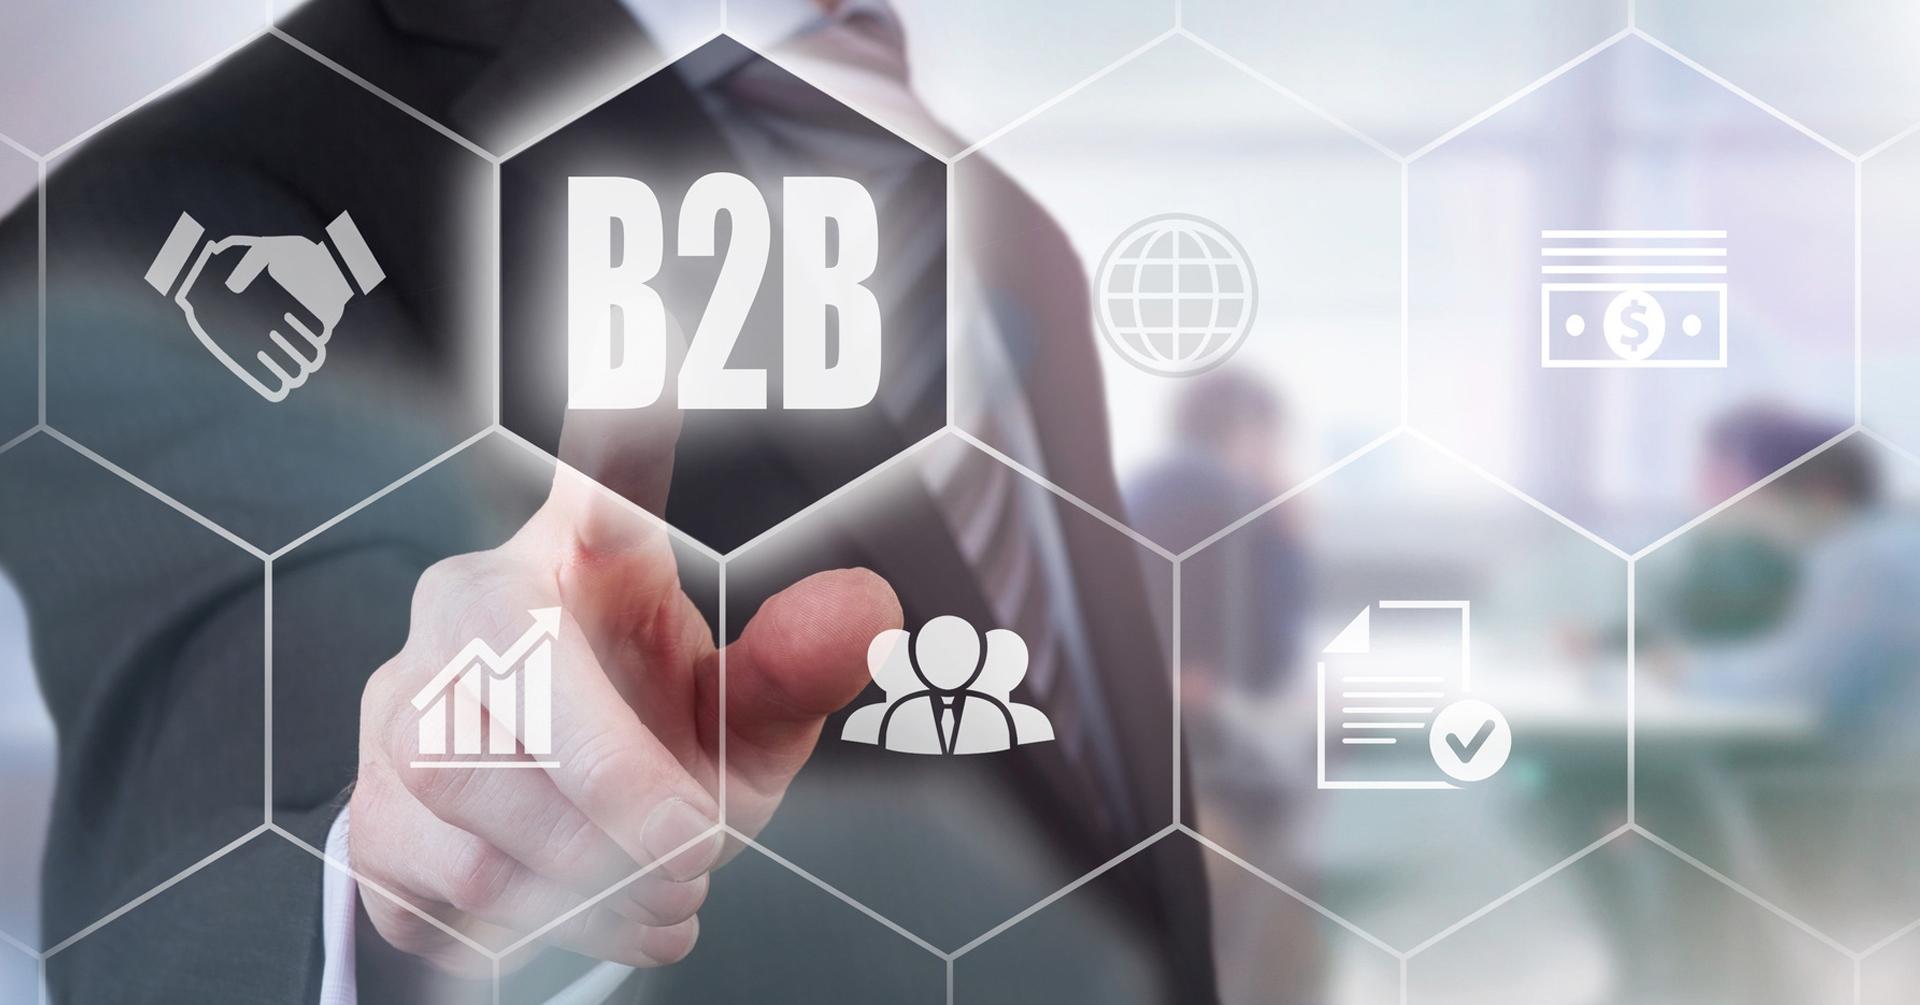 В основе многих видов бизнеса лежат B2B-продажи, которые предполагают реализацию товаров другим юридическим лицам, а не конечным потребителям